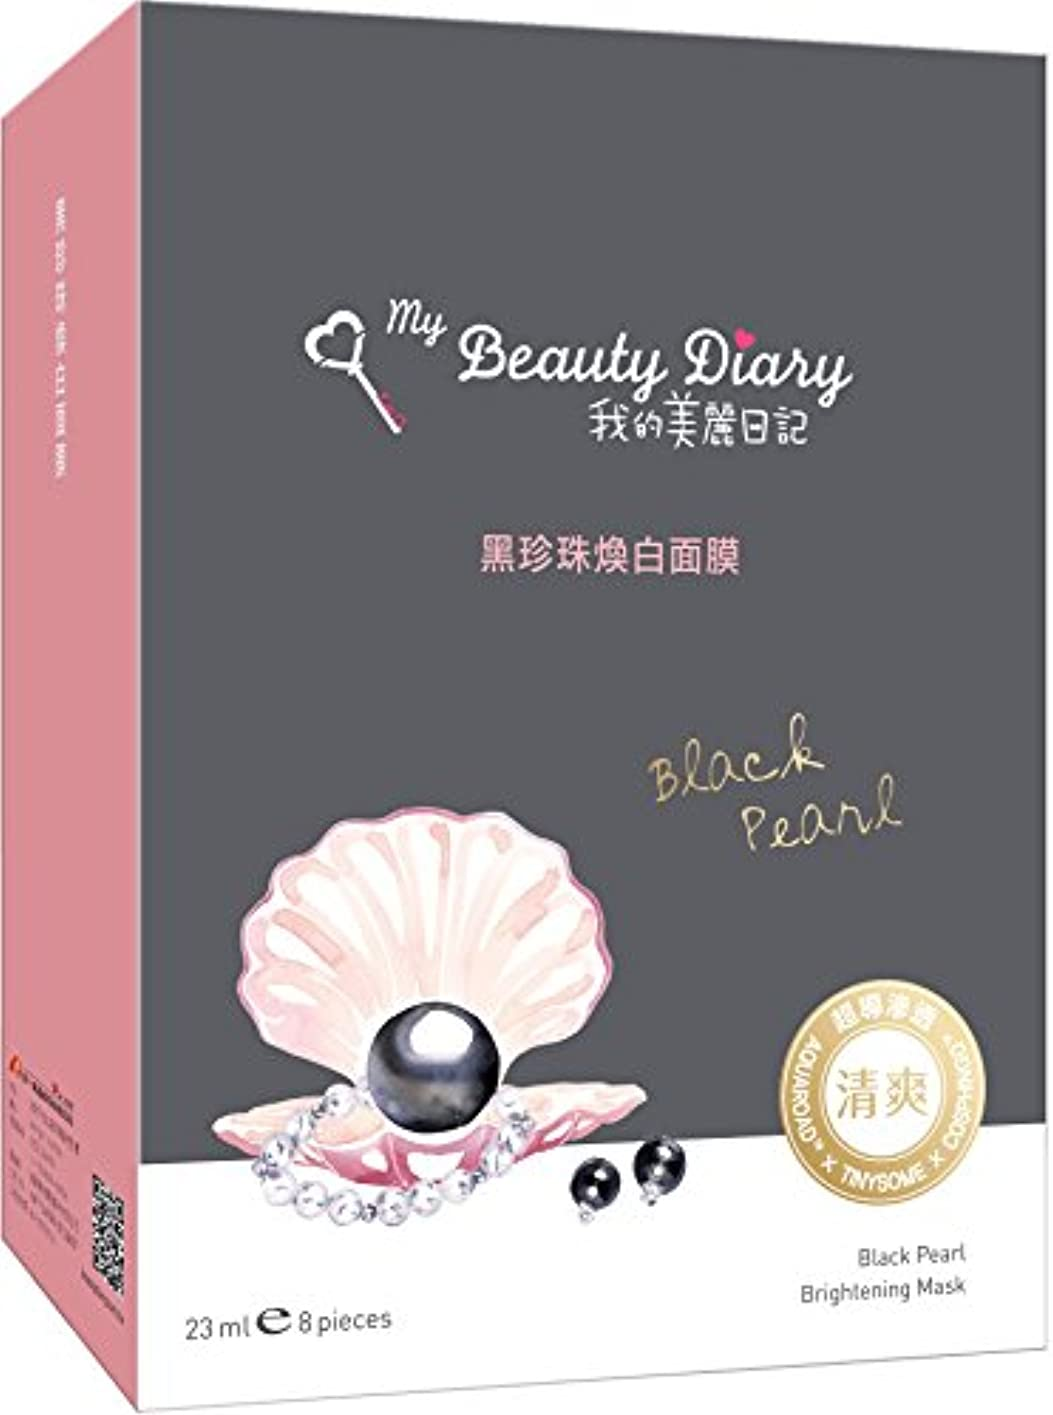 複雑でない摂氏度信頼できる我的美麗日記 私のきれい日記 黒真珠マスク 8枚入り [並行輸入品]